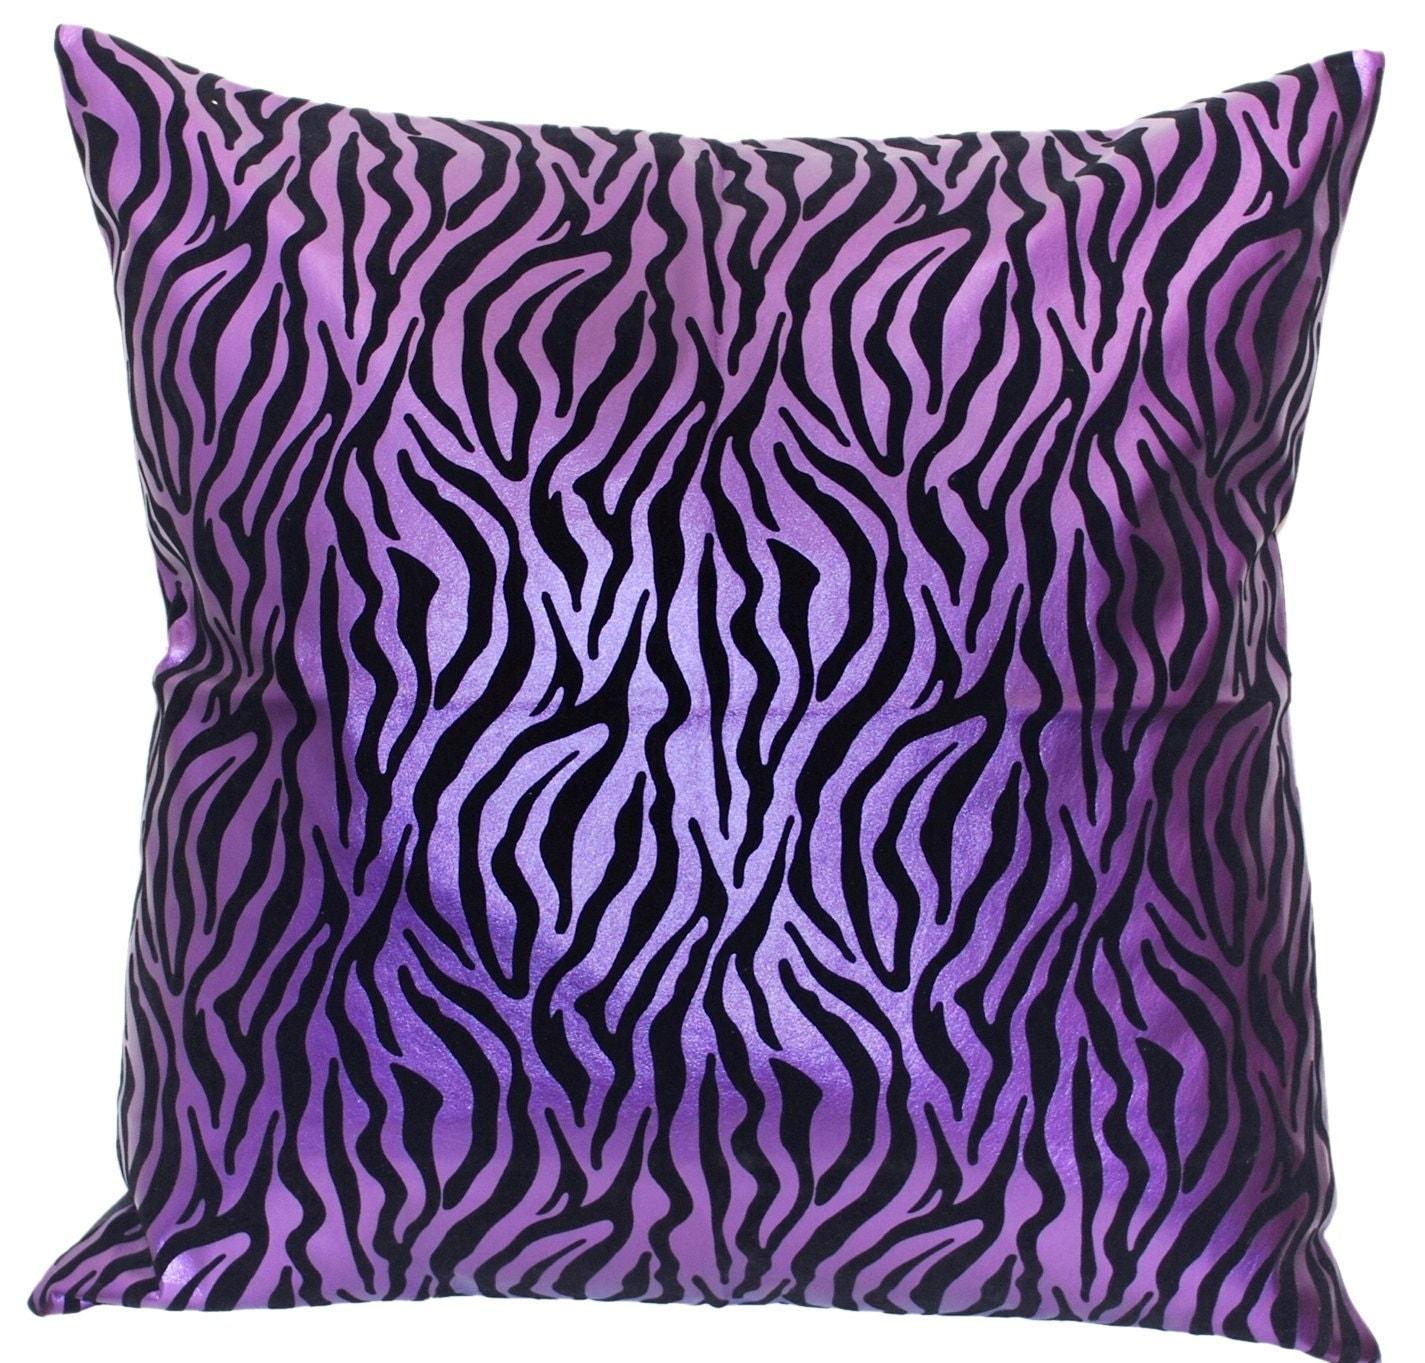 Animal Print Throw Pillows And Blankets : Animal Print Throw Pillow Zebra Print Large Throw Pillow